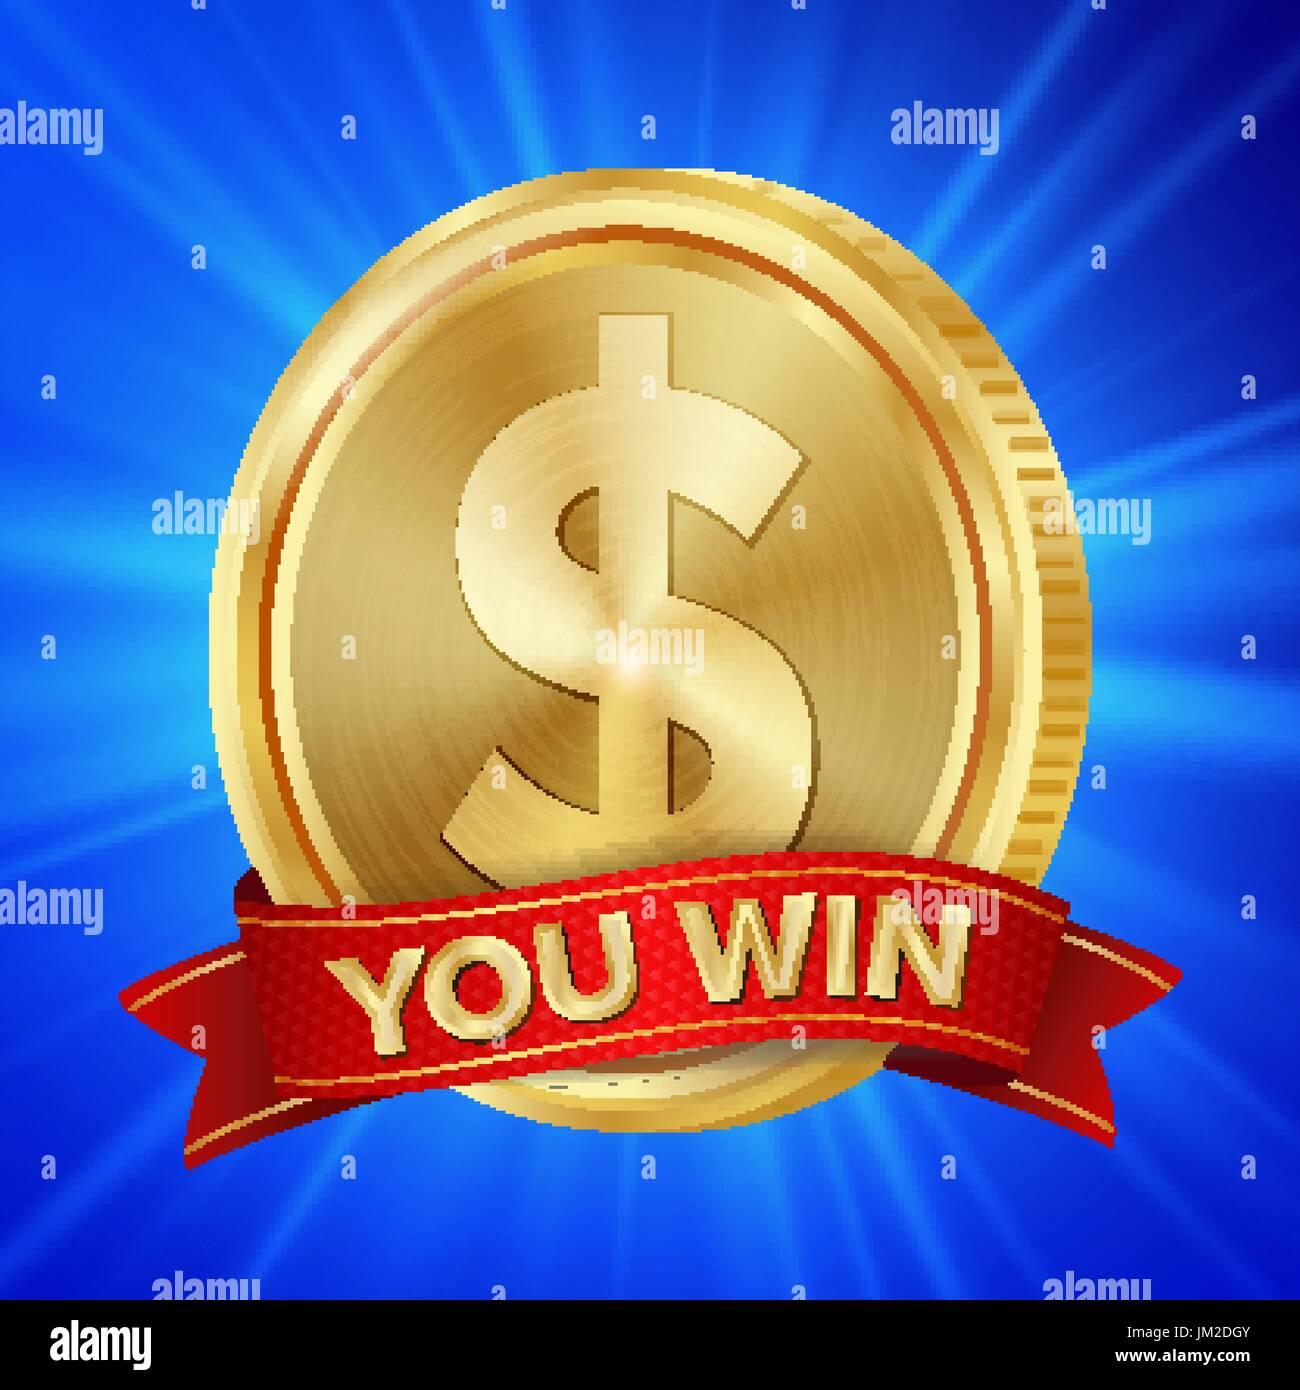 casino coin illustrator